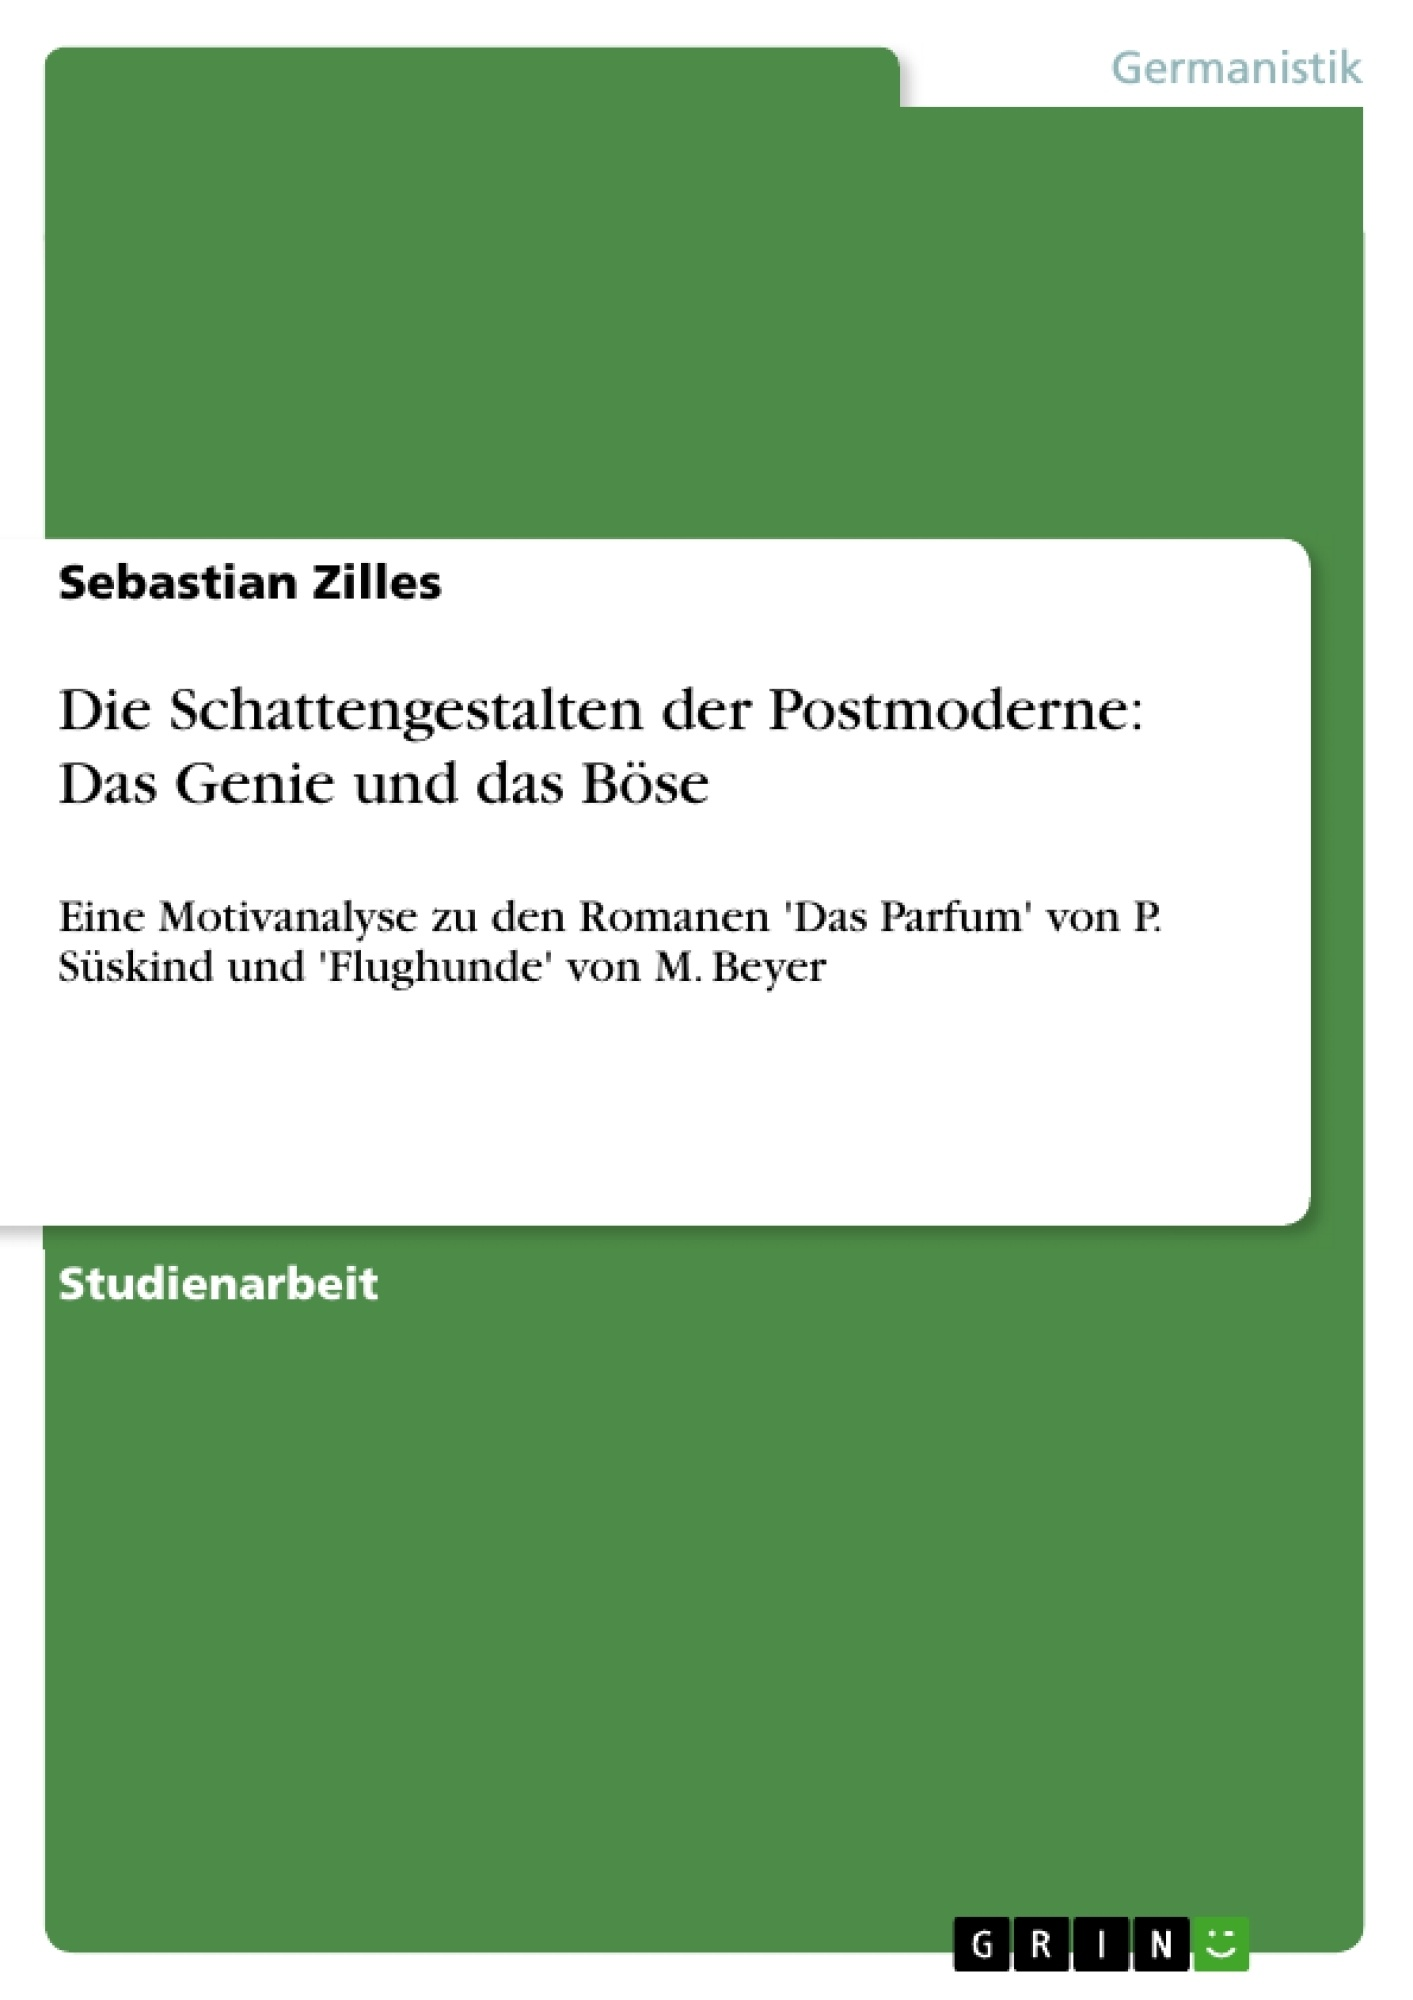 Titel: Die Schattengestalten der Postmoderne: Das Genie und das Böse